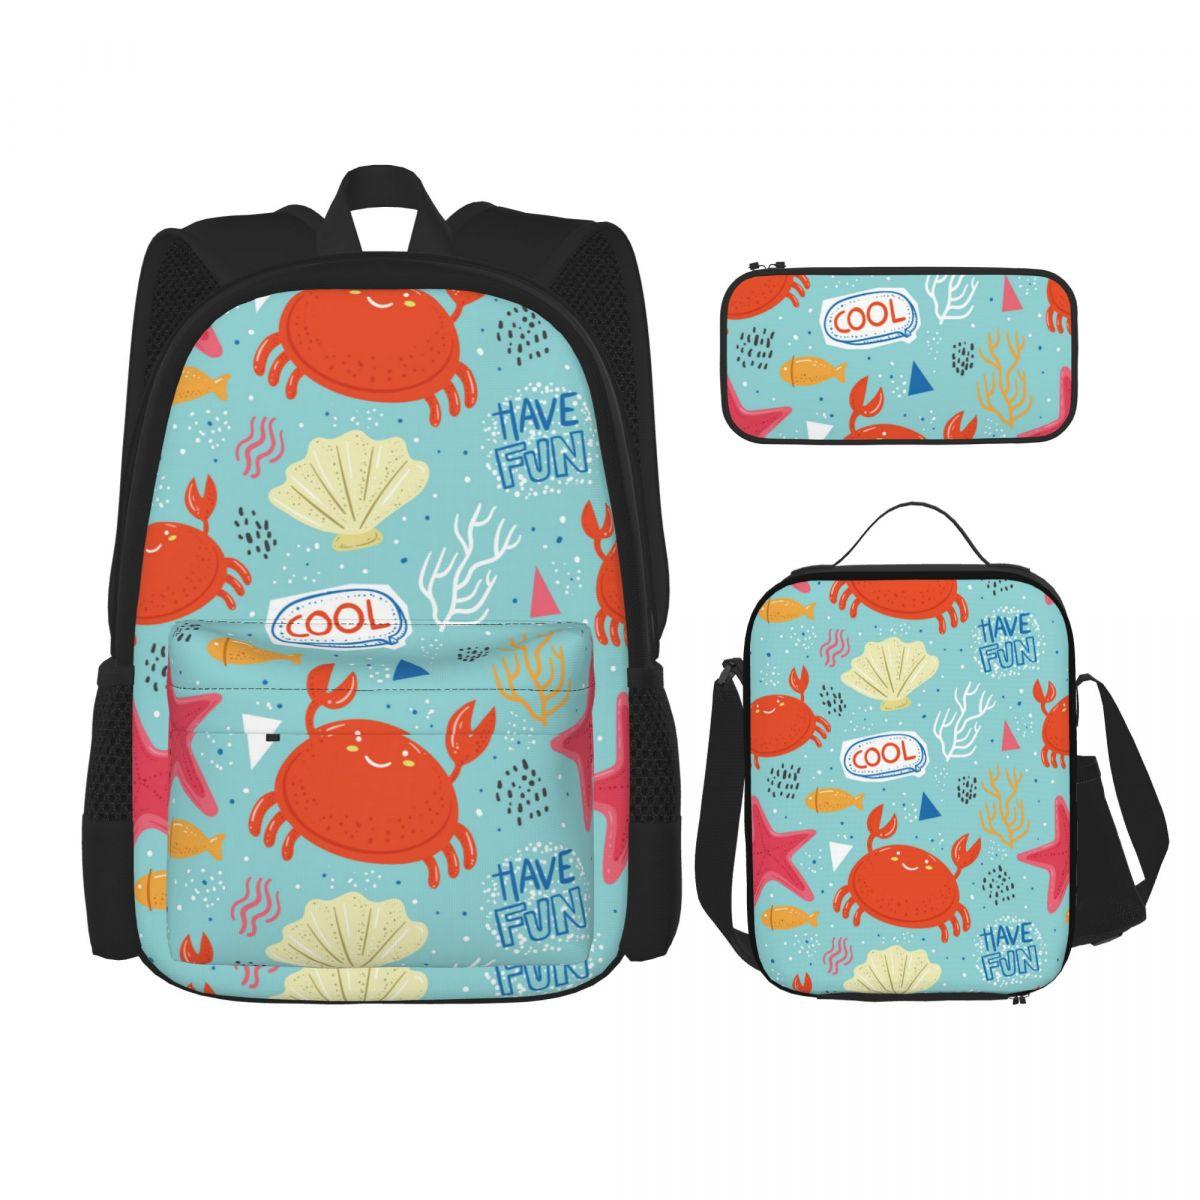 3 مجموعة على ظهره 2021 الحيوانات البحرية الملونة على ظهره حقائب كتف حقيبة مدرسية Mochilas حقيبة ظهر الطالب